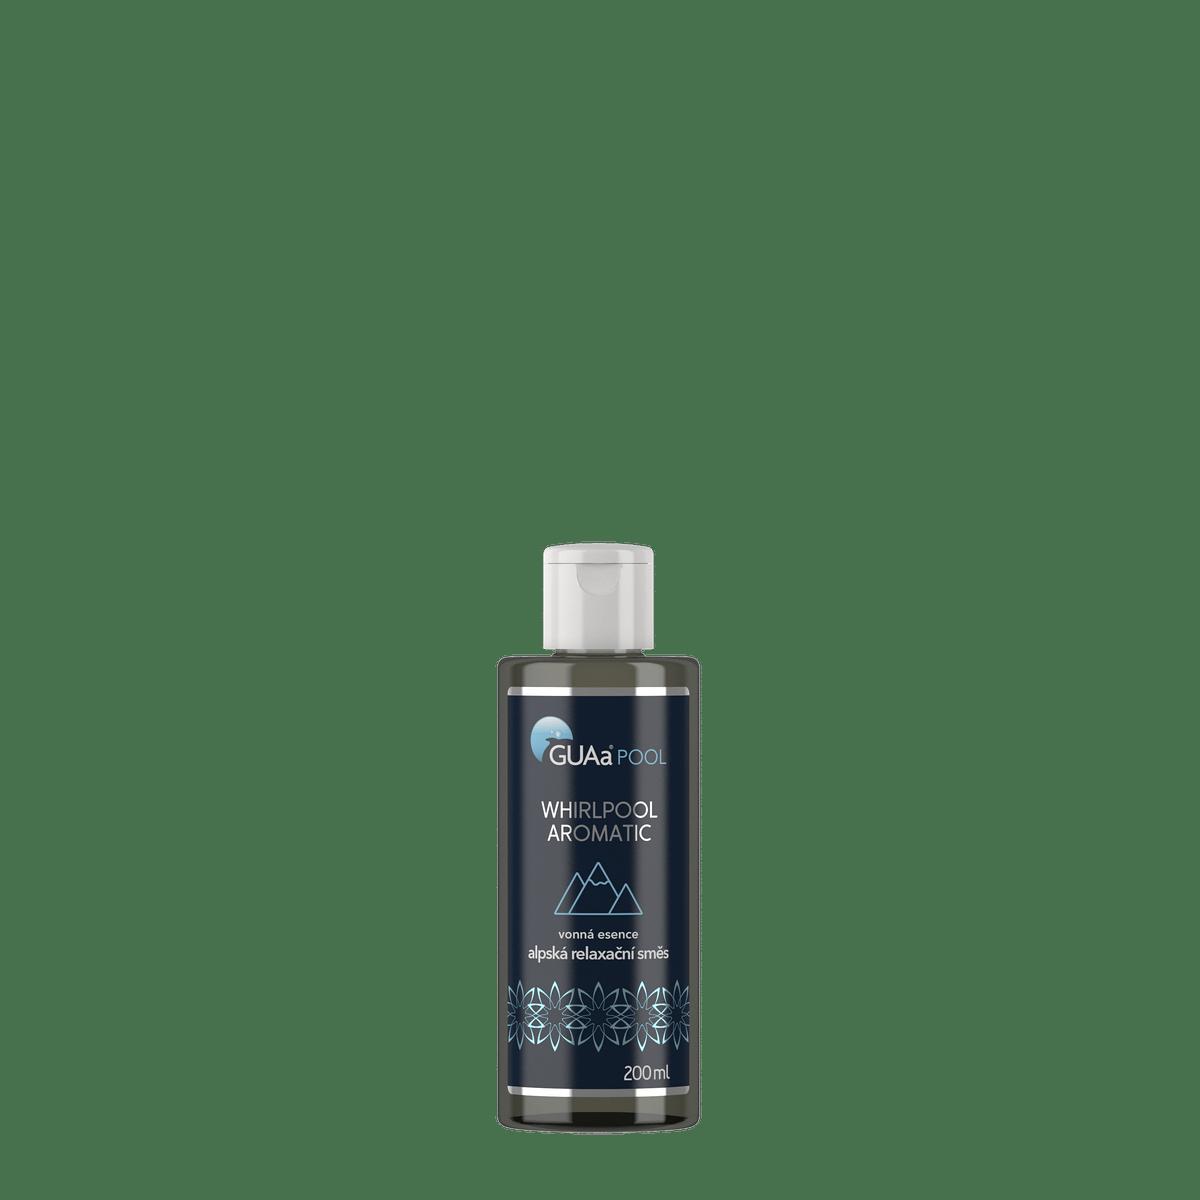 GUAa POOL WHIRLPOOL AROMATIC - Alpská relaxační směs - vonná esence pro vířivé a masážní vany